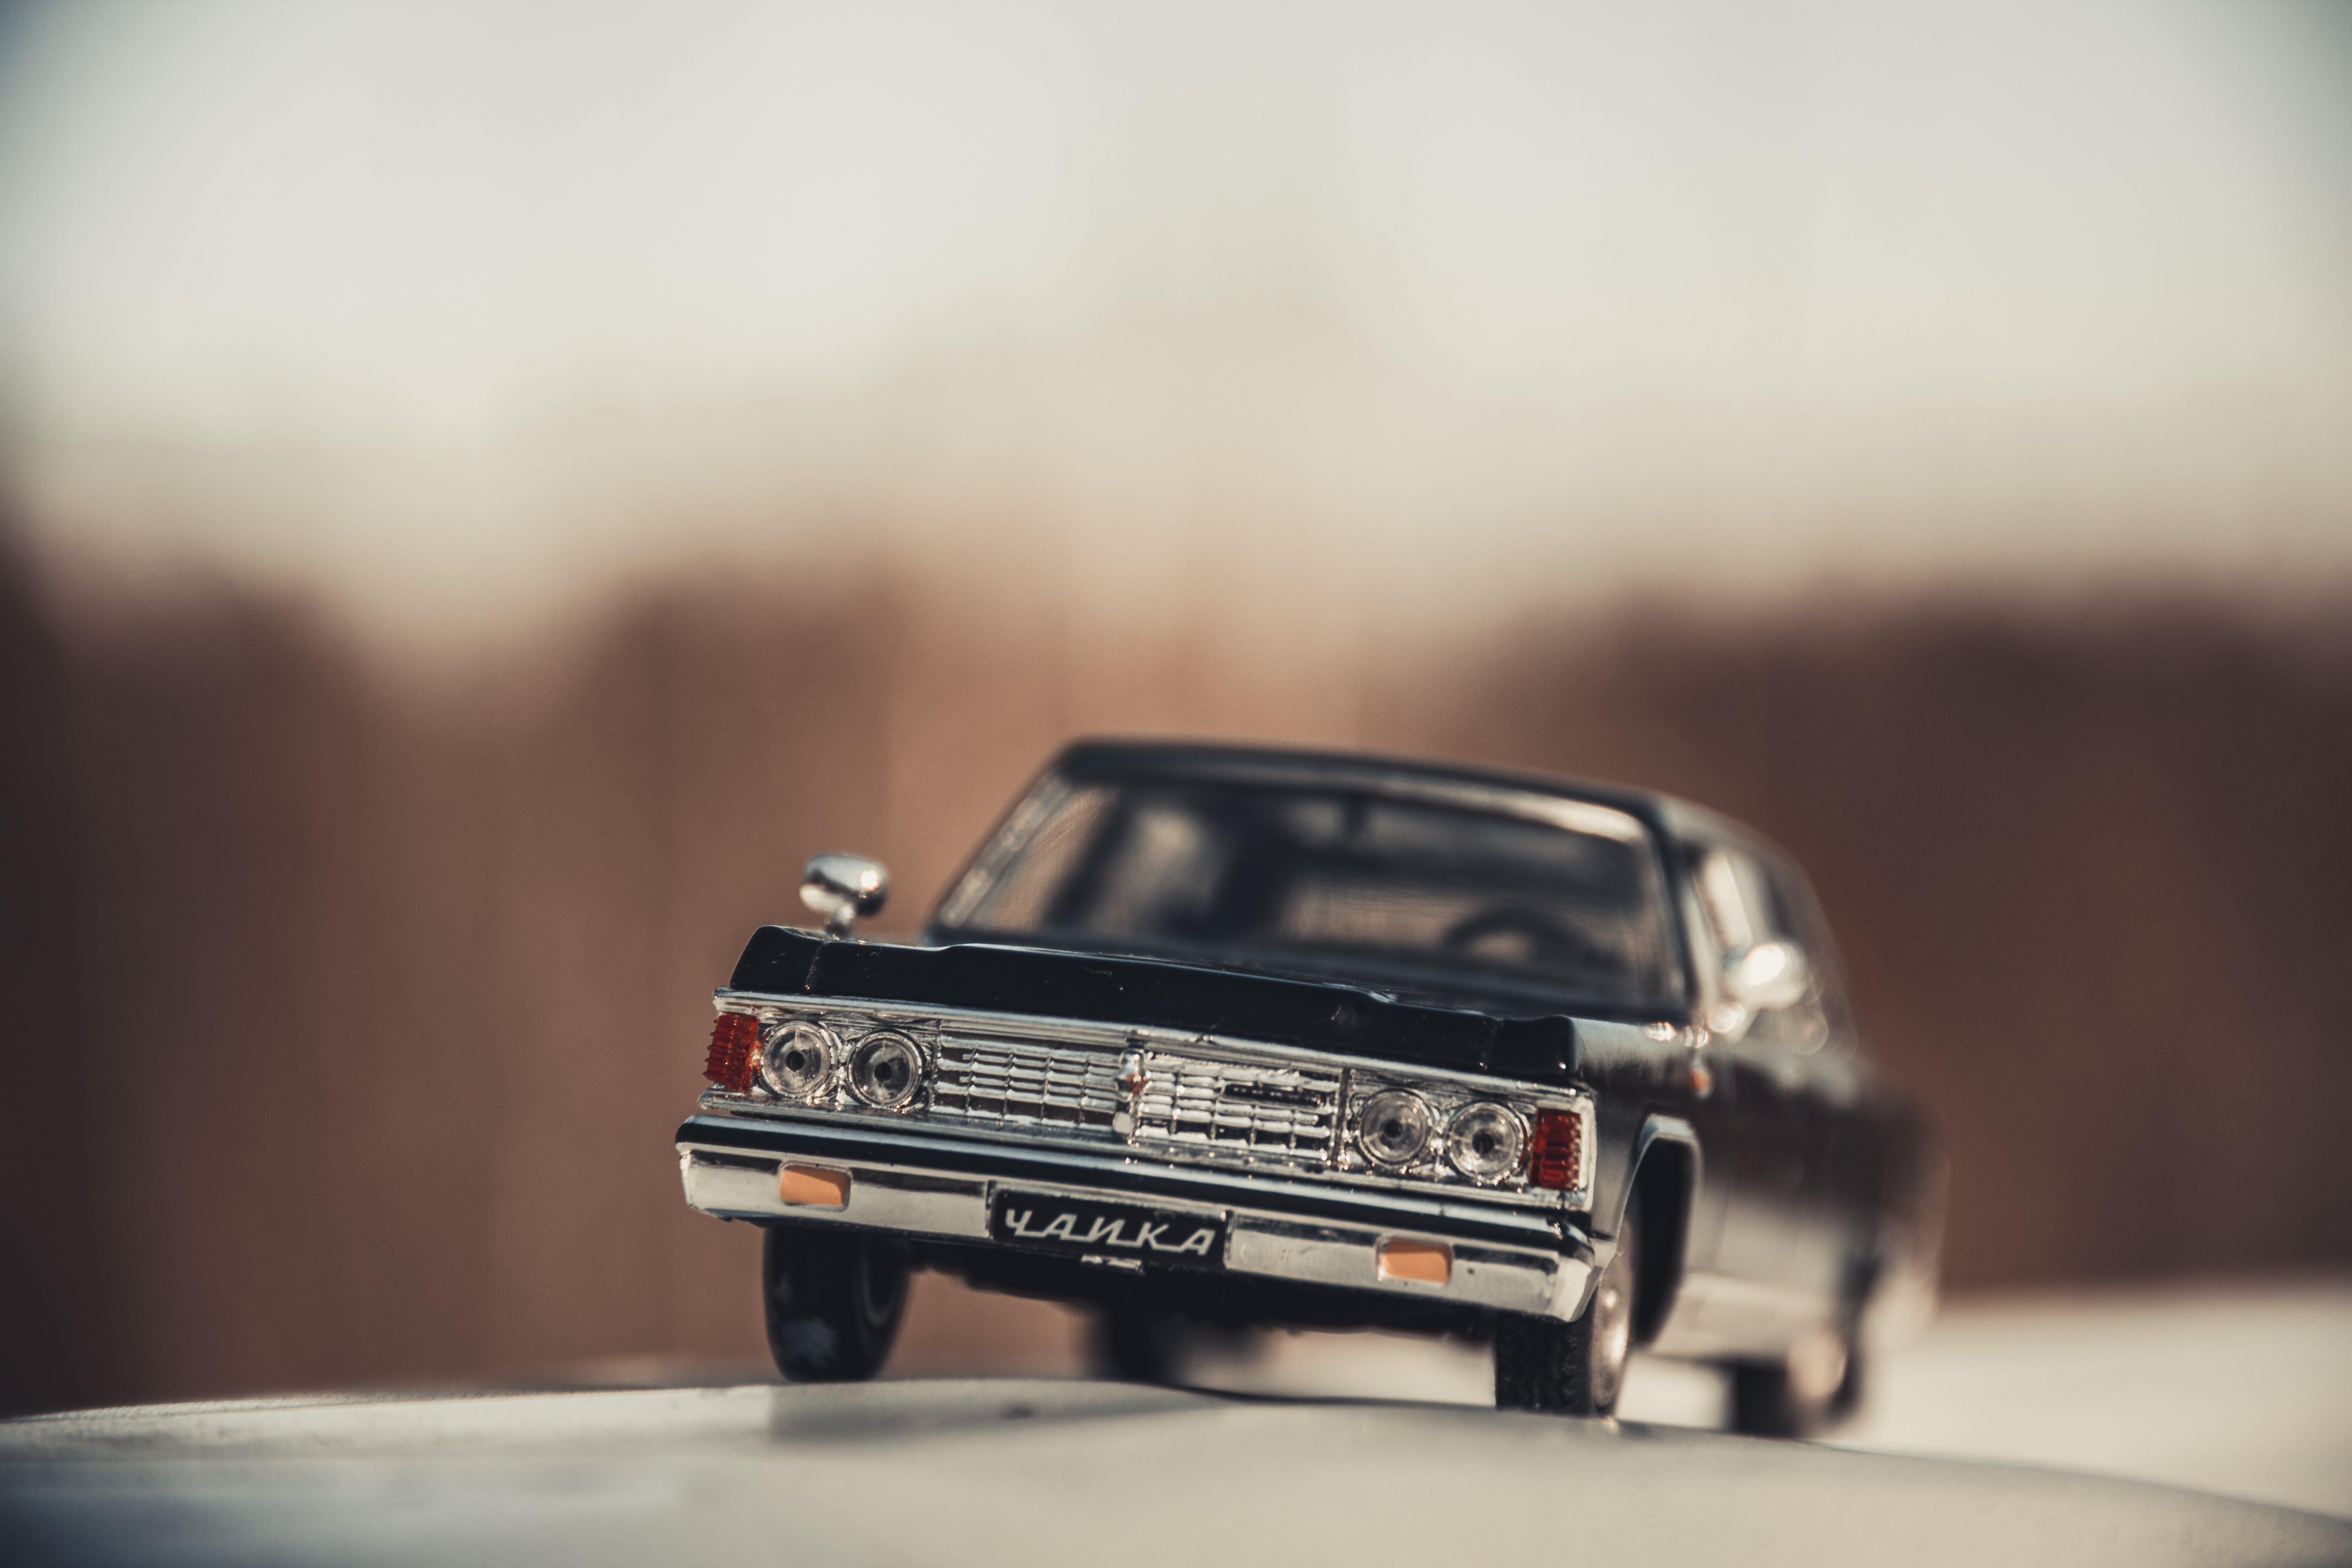 background, αυτοκίνηση, αυτοκινητάκι